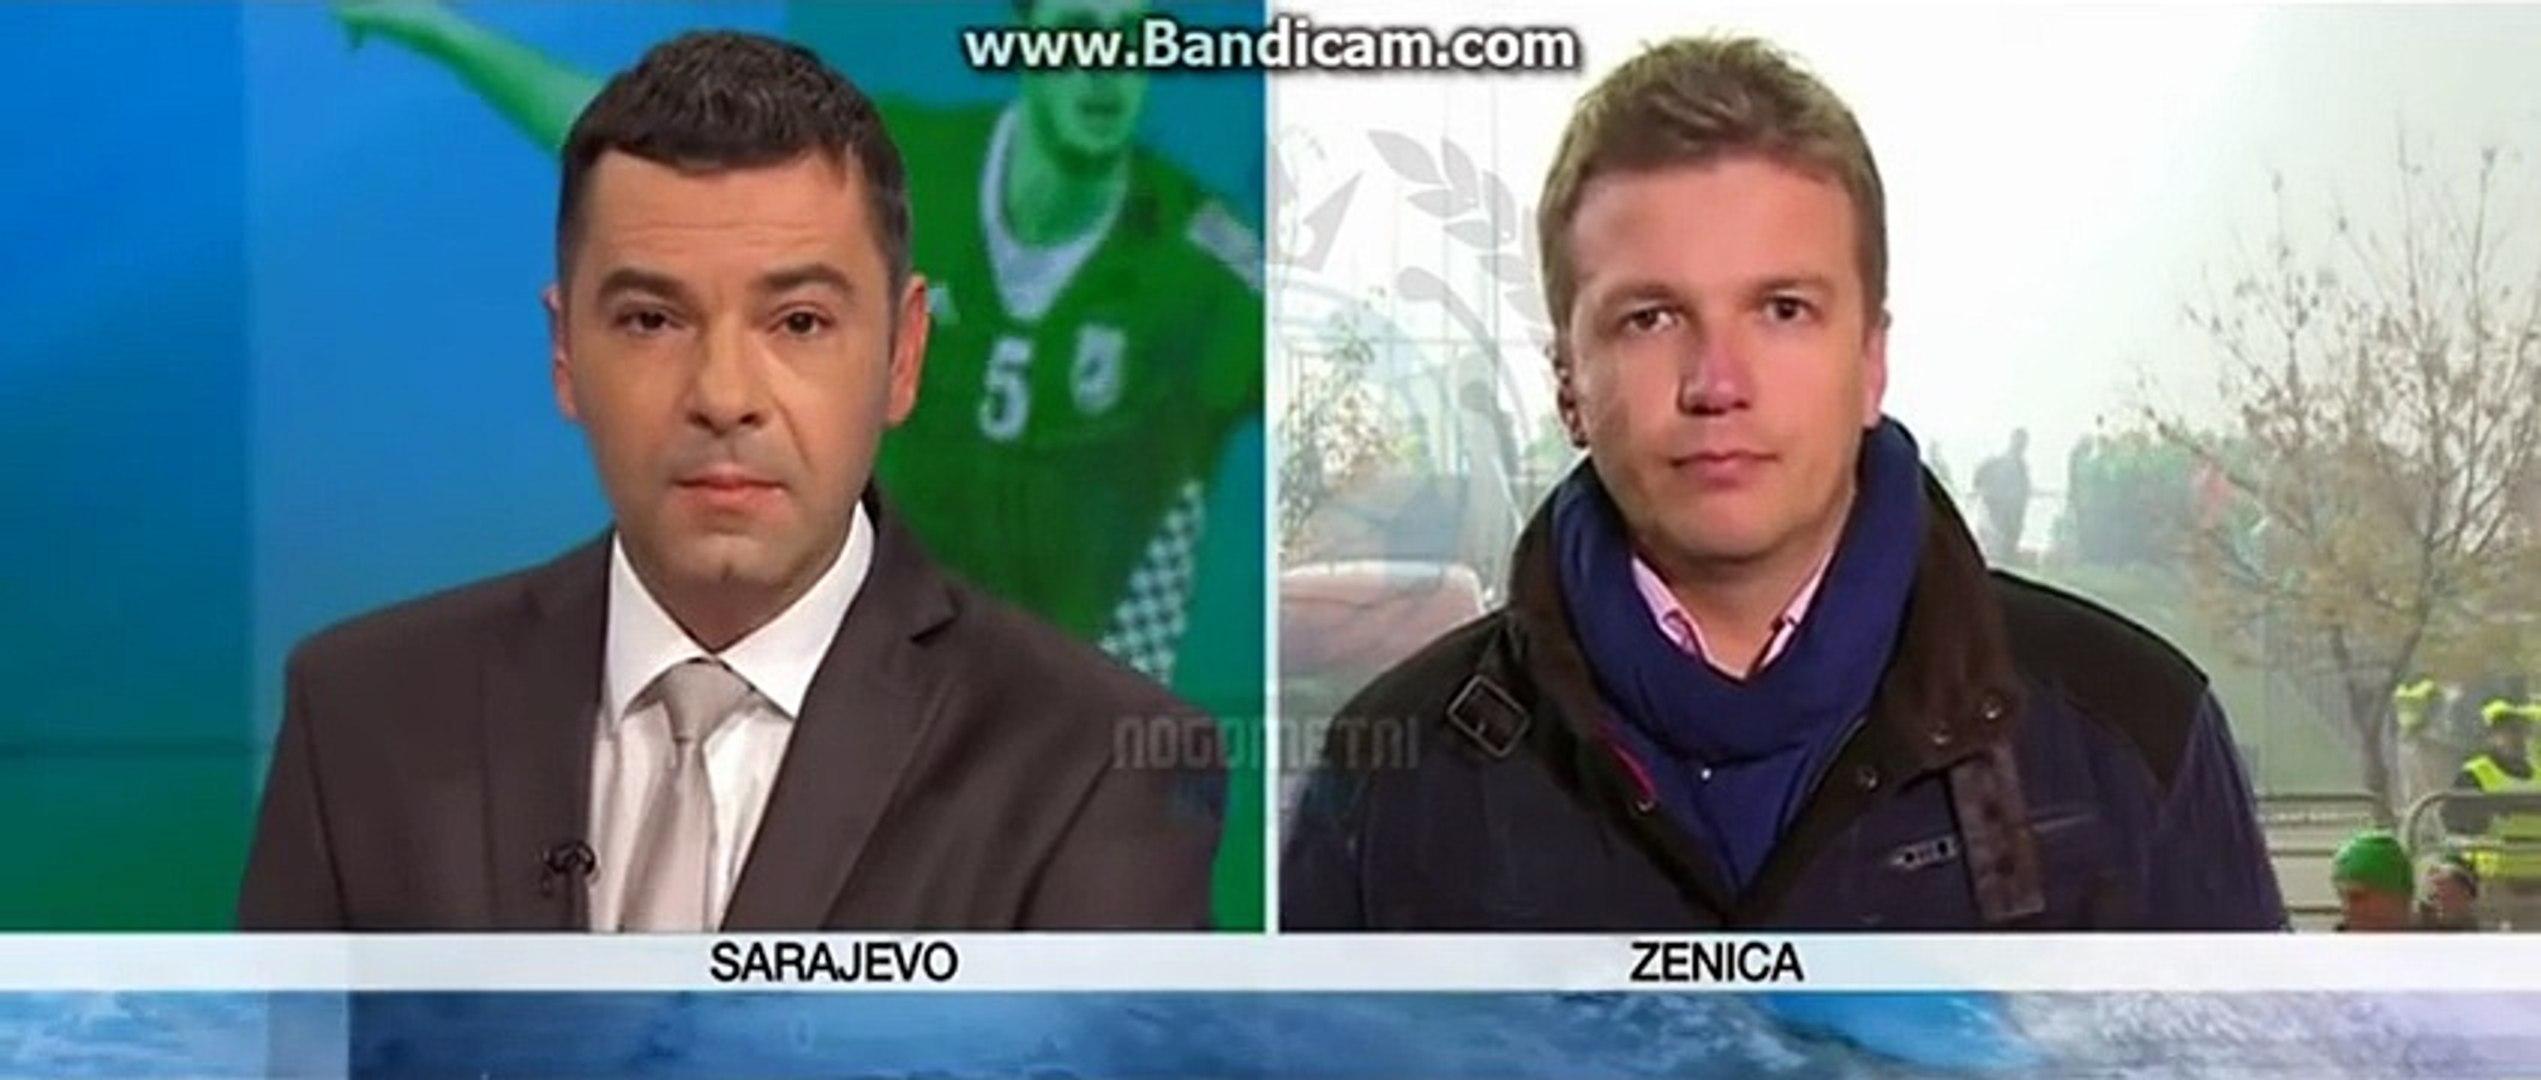 Un journaliste Bosnian reste calme face aux fans de Football Irlandais